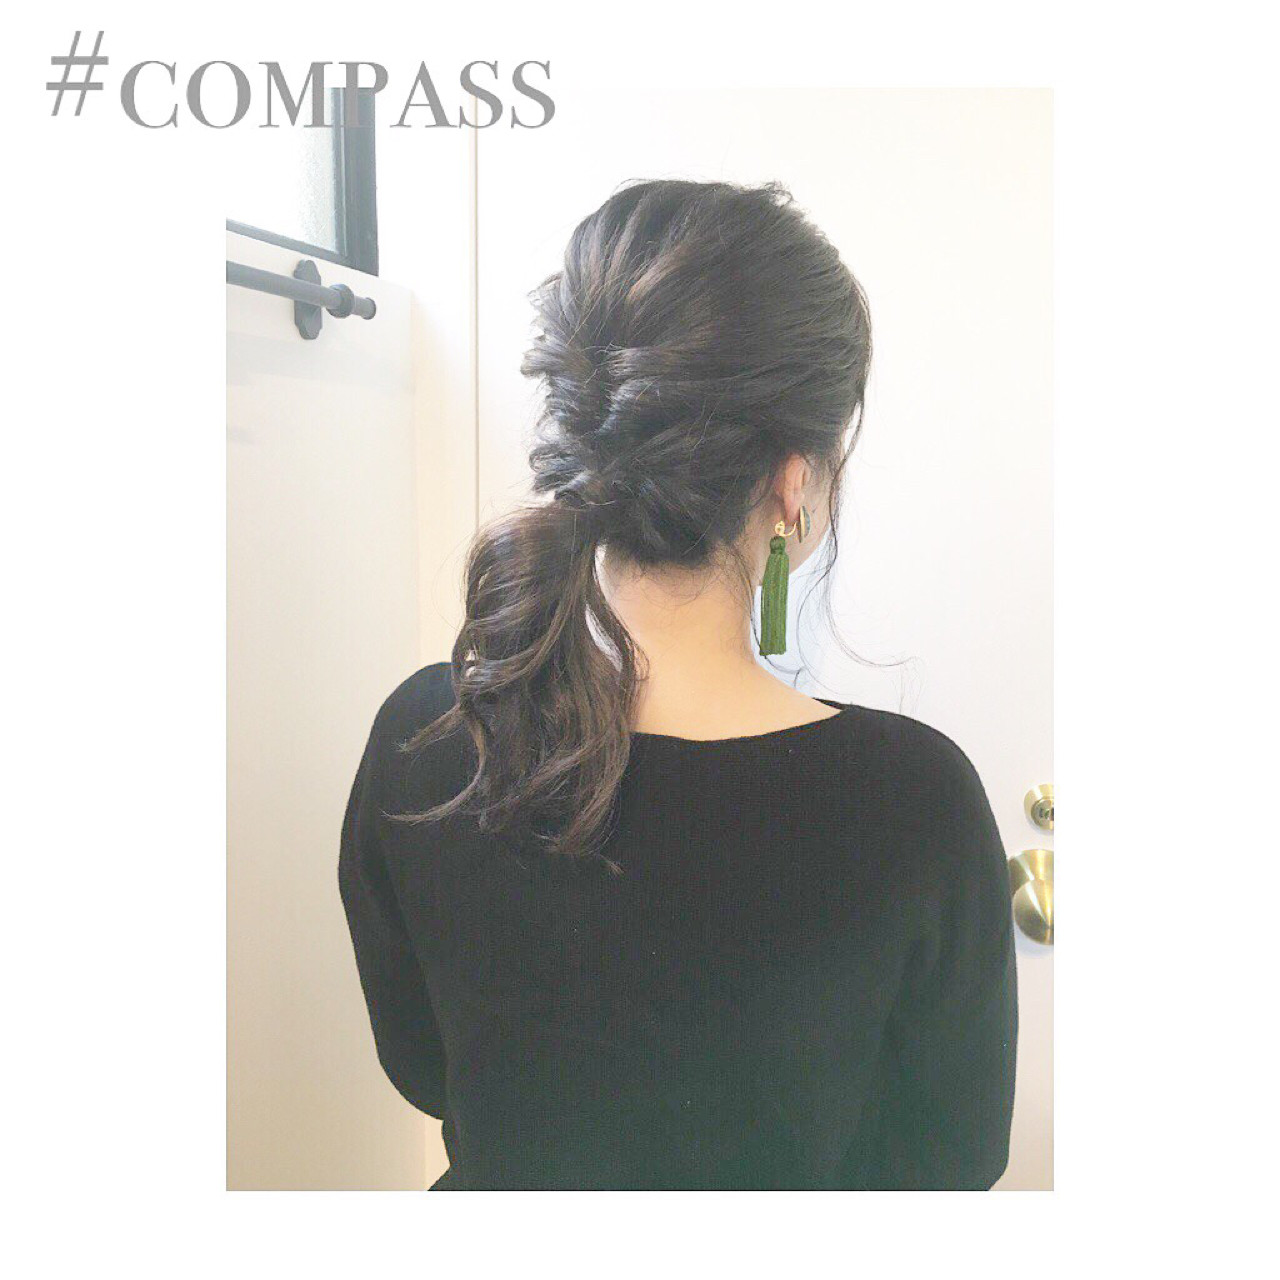 デート オフィス 結婚式 簡単ヘアアレンジ ヘアスタイルや髪型の写真・画像 | COM PASS 太一 / COM PASS